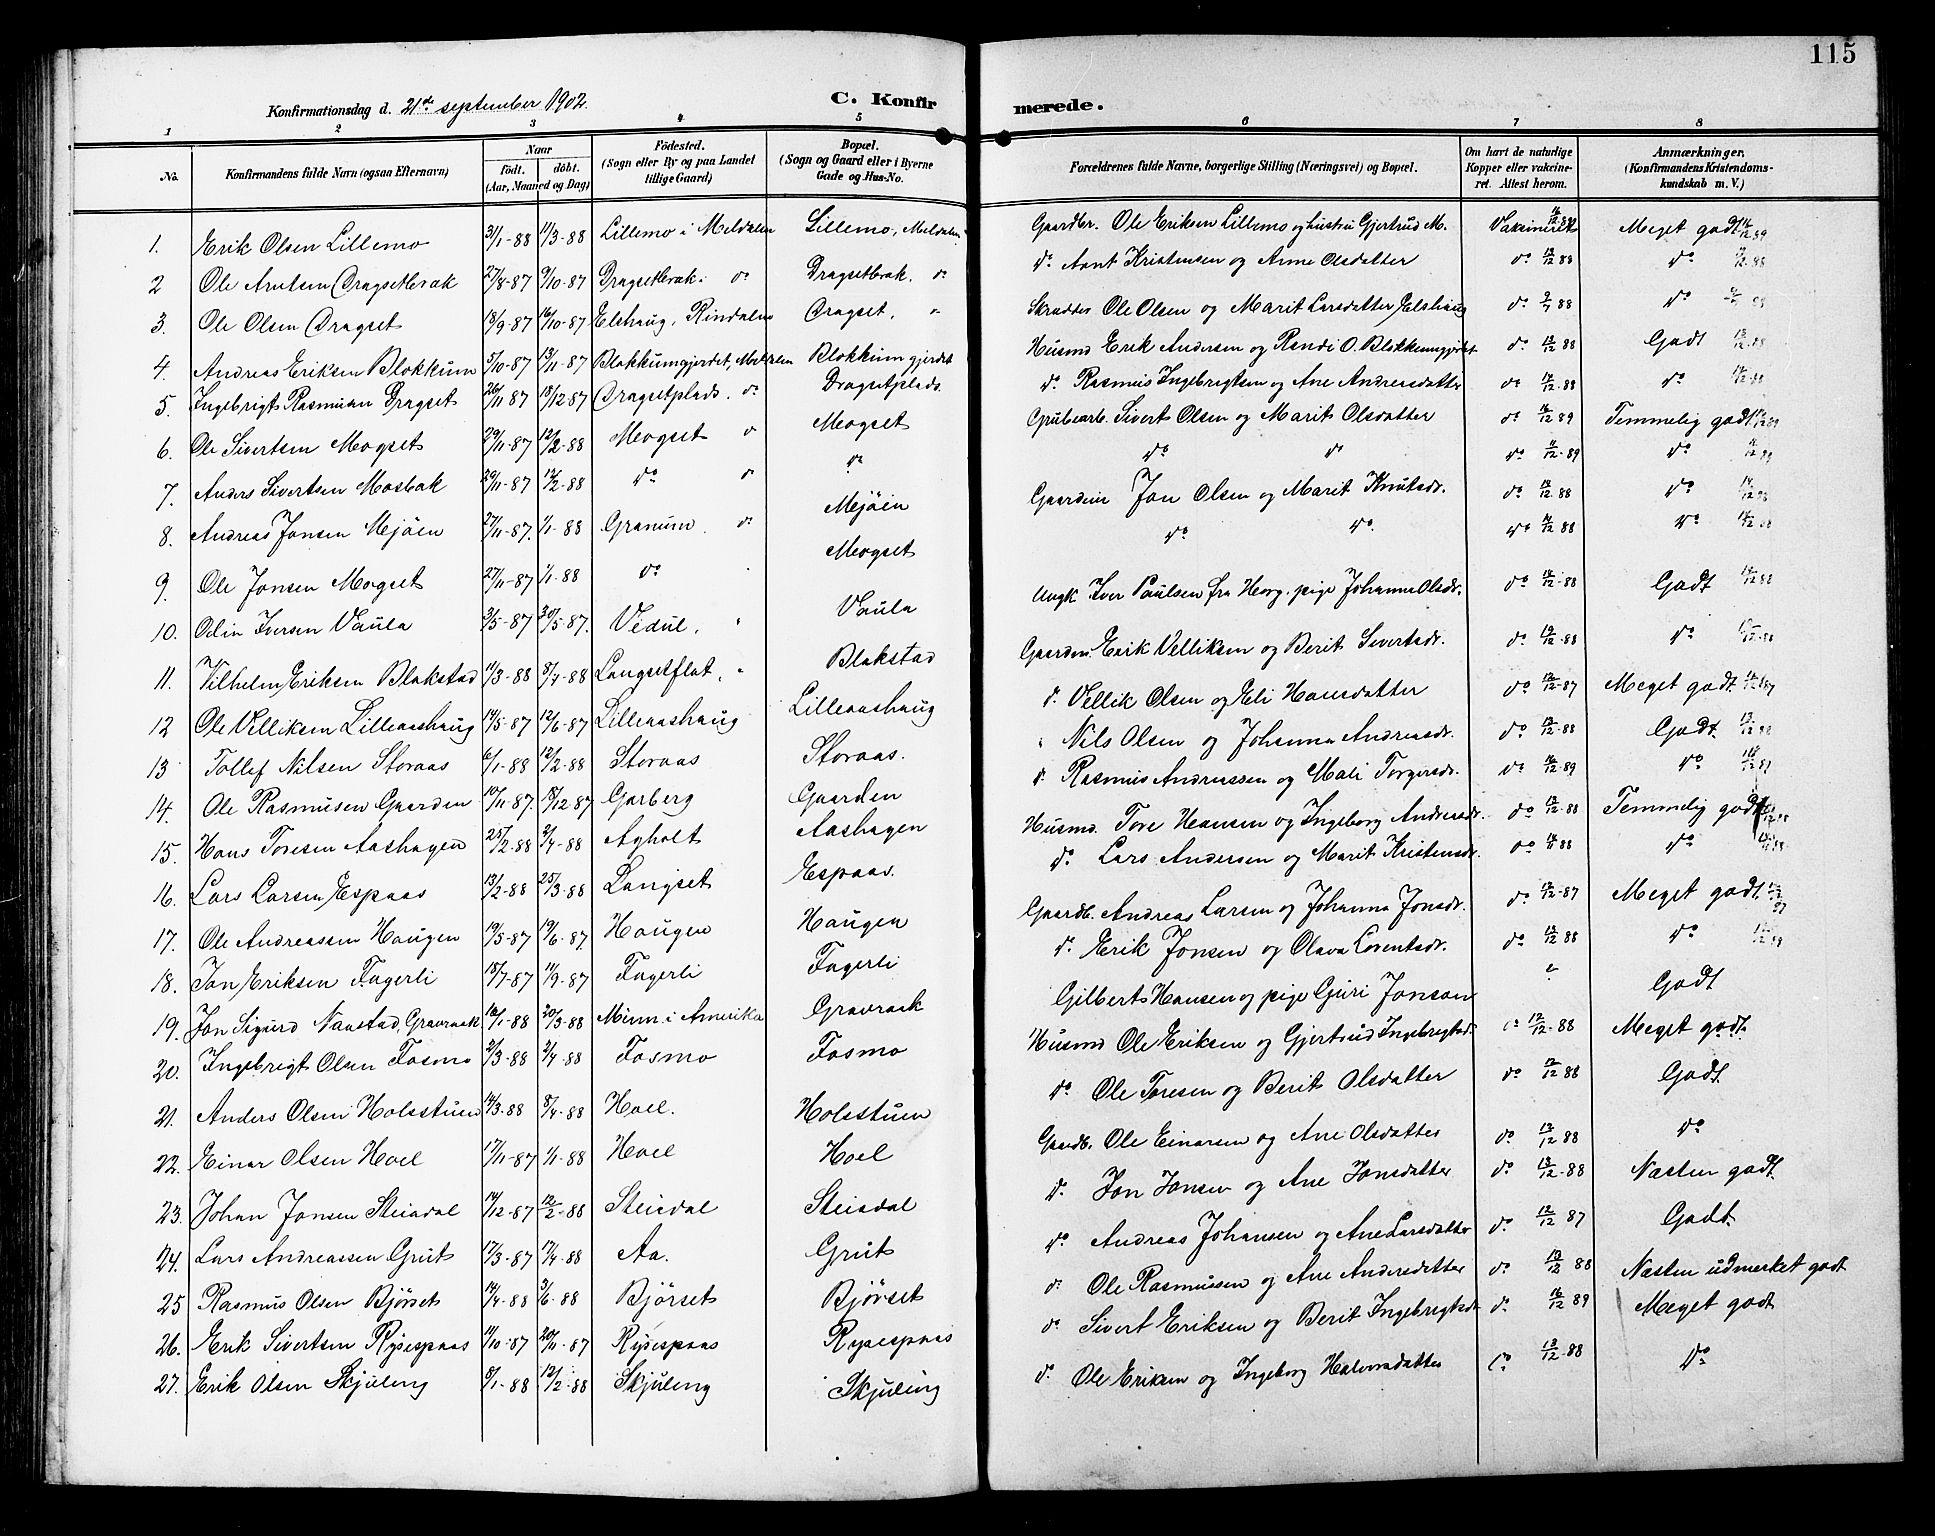 SAT, Ministerialprotokoller, klokkerbøker og fødselsregistre - Sør-Trøndelag, 672/L0864: Klokkerbok nr. 672C03, 1902-1914, s. 115